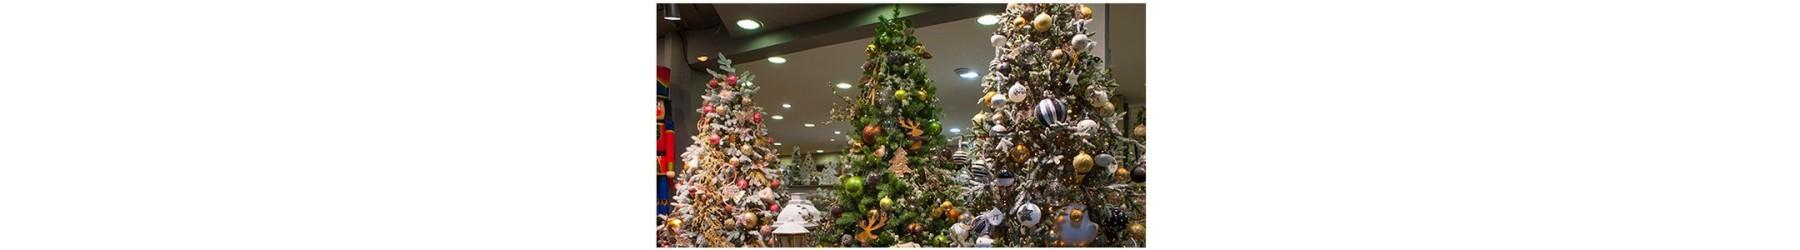 Χριστουγεννιάτικα δέντρα σε όλους τους τύπους και διαστάσεις